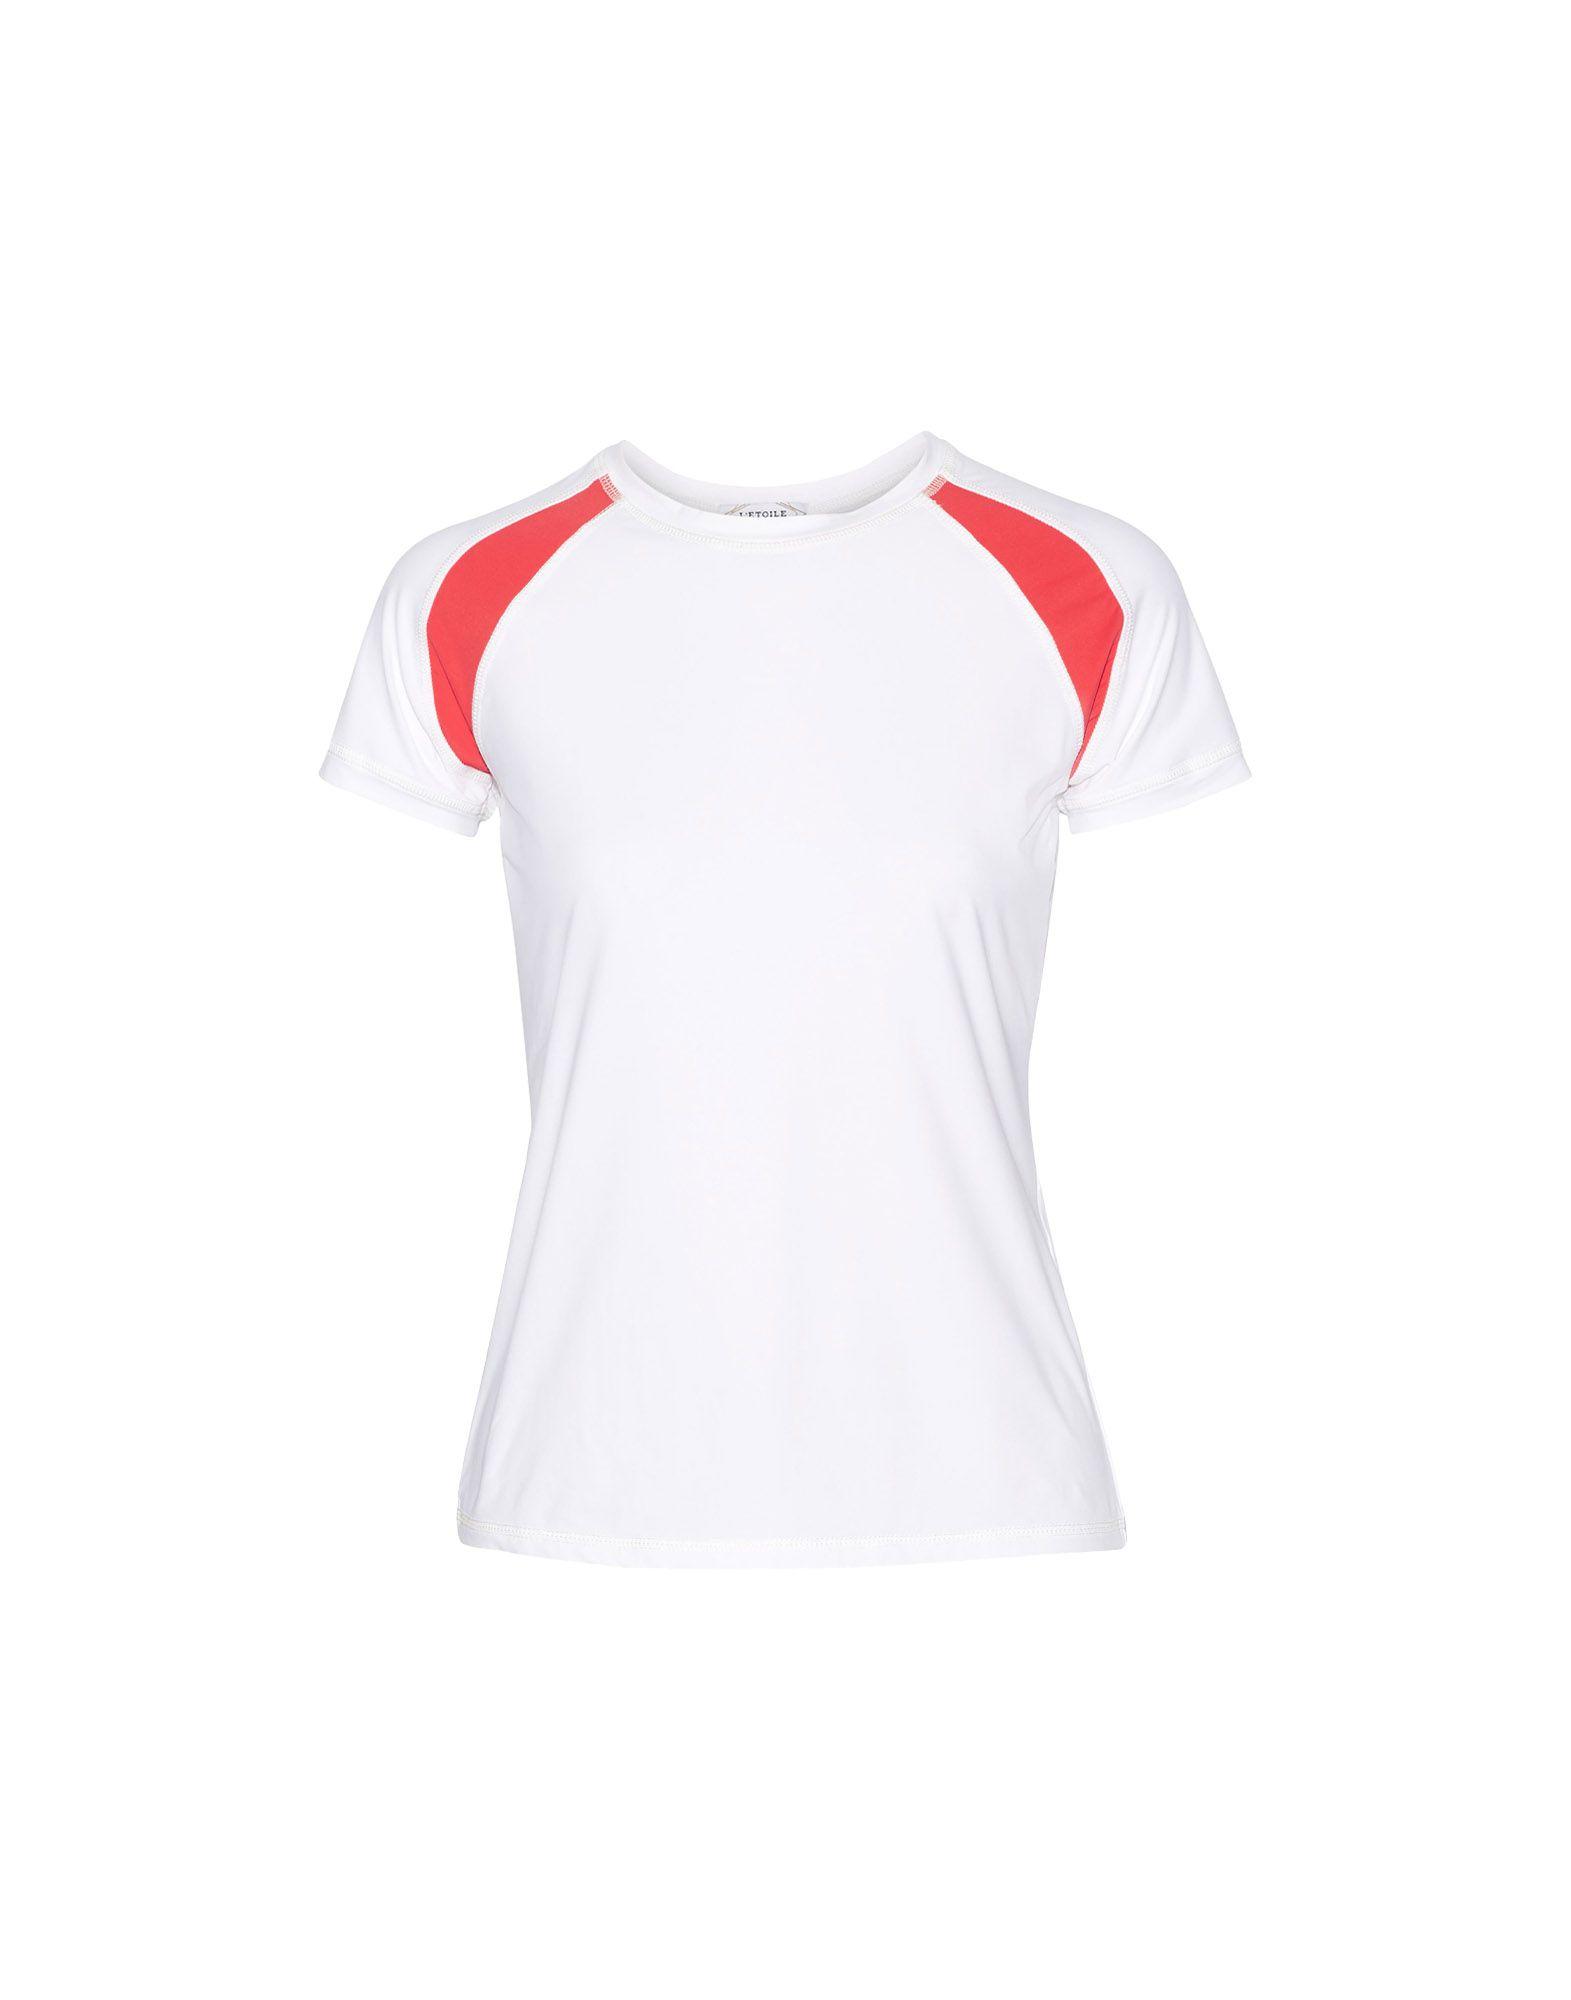 Фото - L'ETOILE SPORT Футболка peter hadley sport футболка